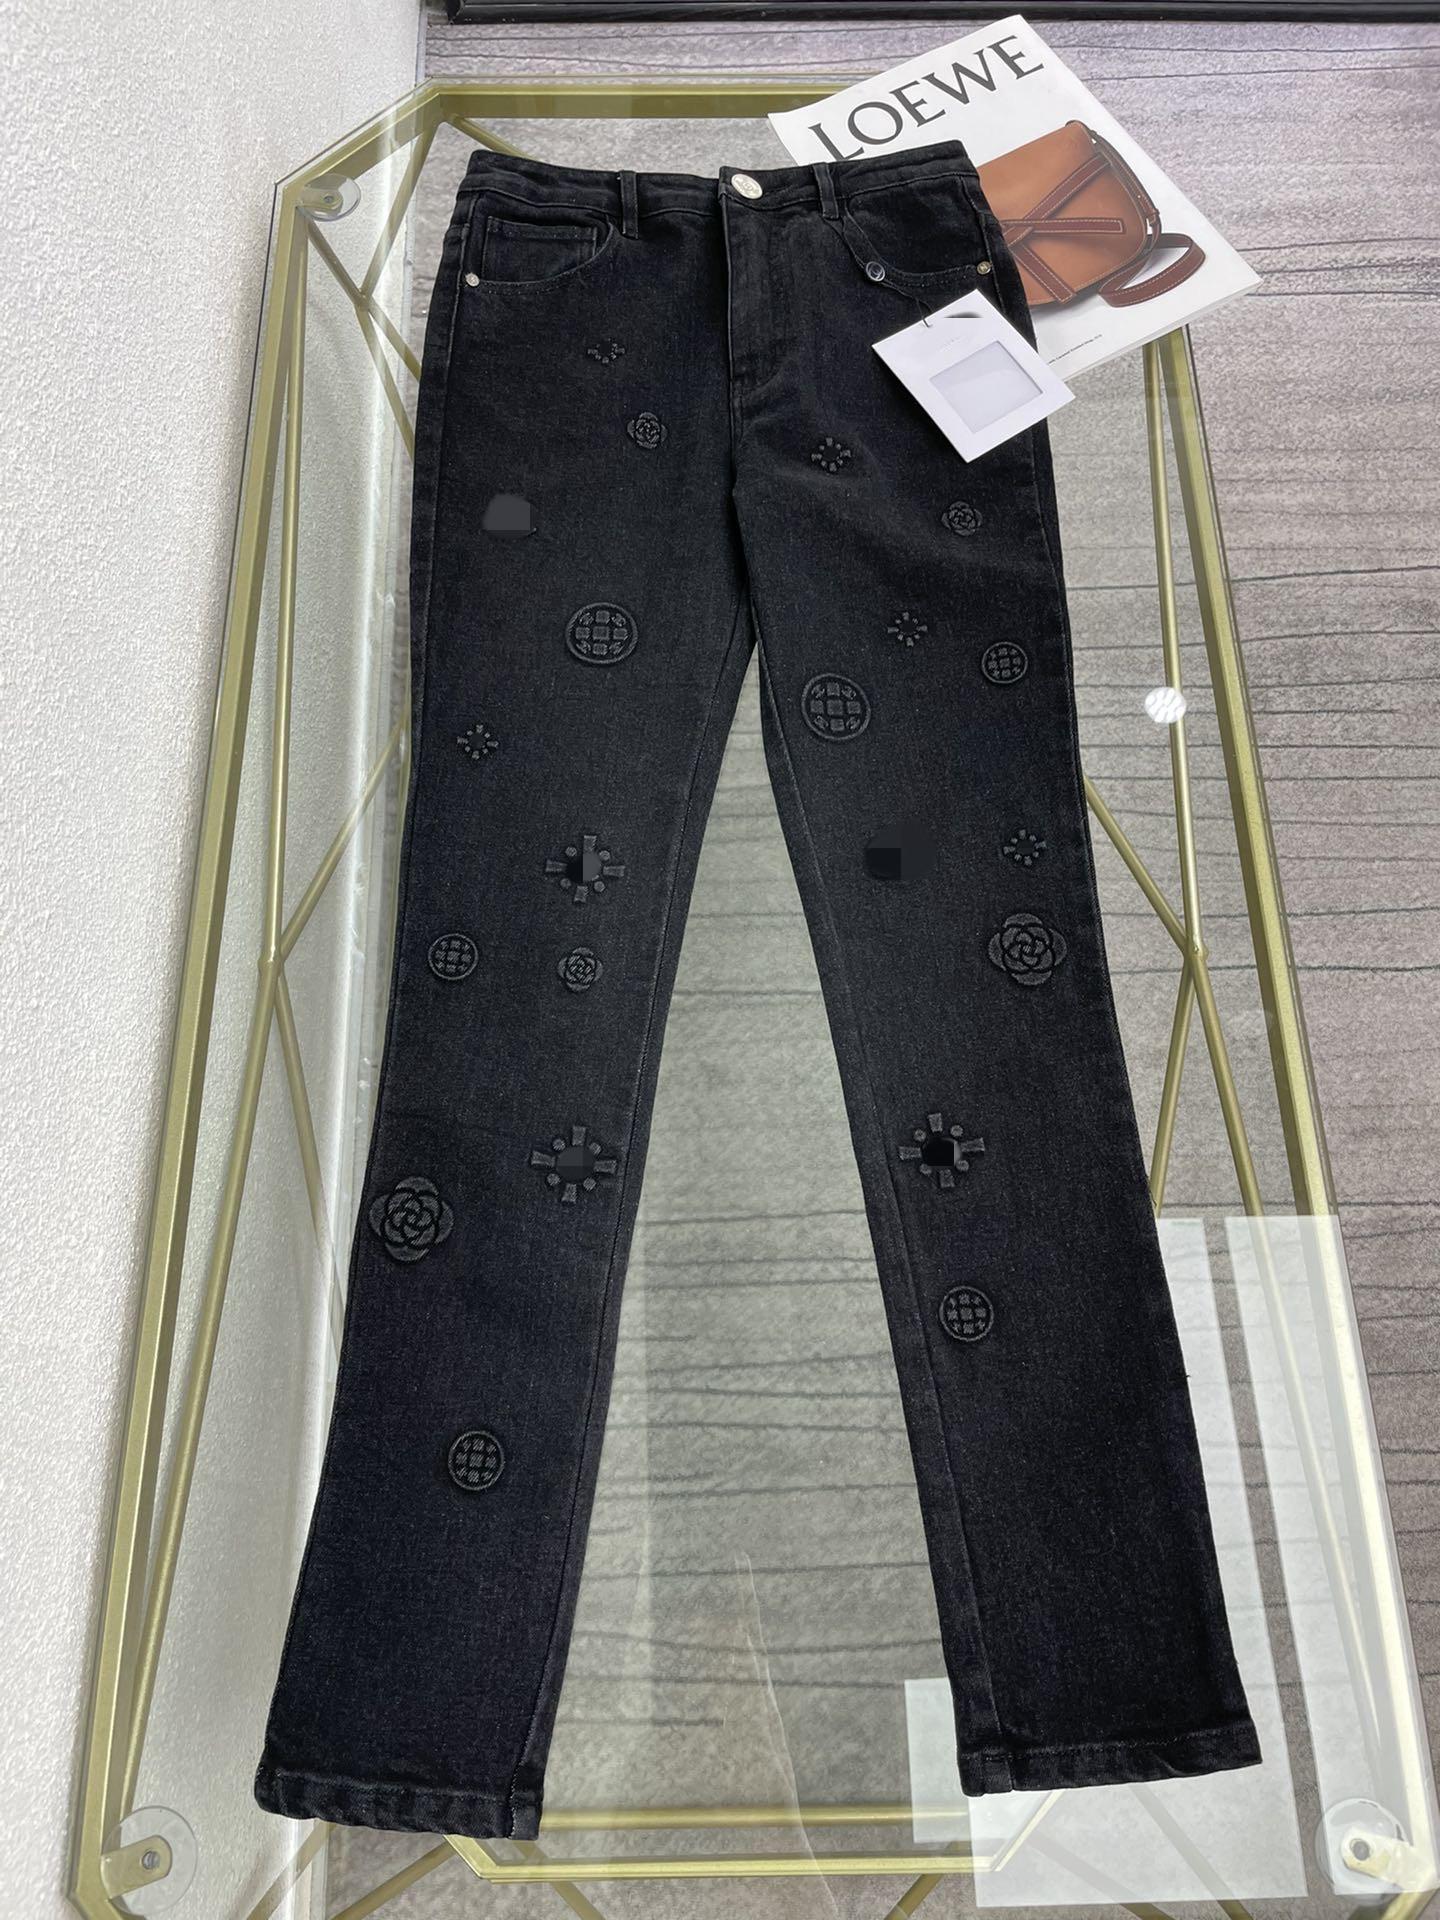 럭셔리 여성 청바지 2021 봄 여름 가을 블랙 자수 패션 디자이너 스키니, 슬림 브랜드 동일한 스타일 0528-1